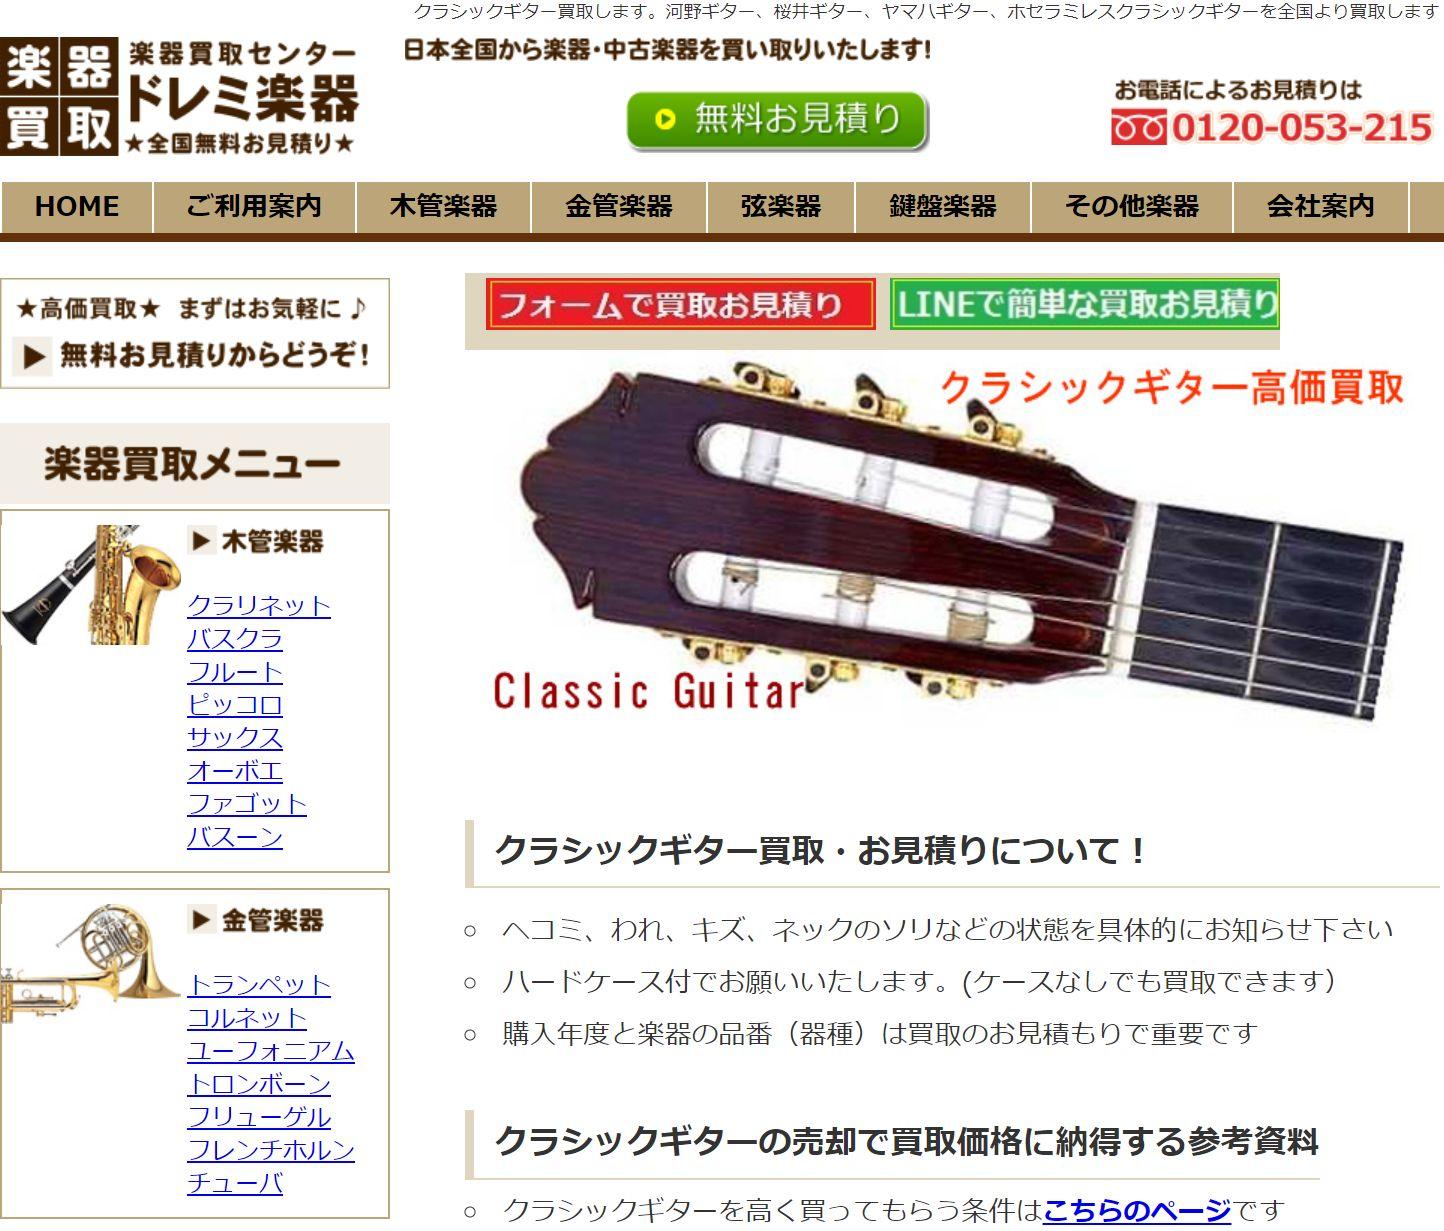 ドレミ楽器のクラシックギター買取